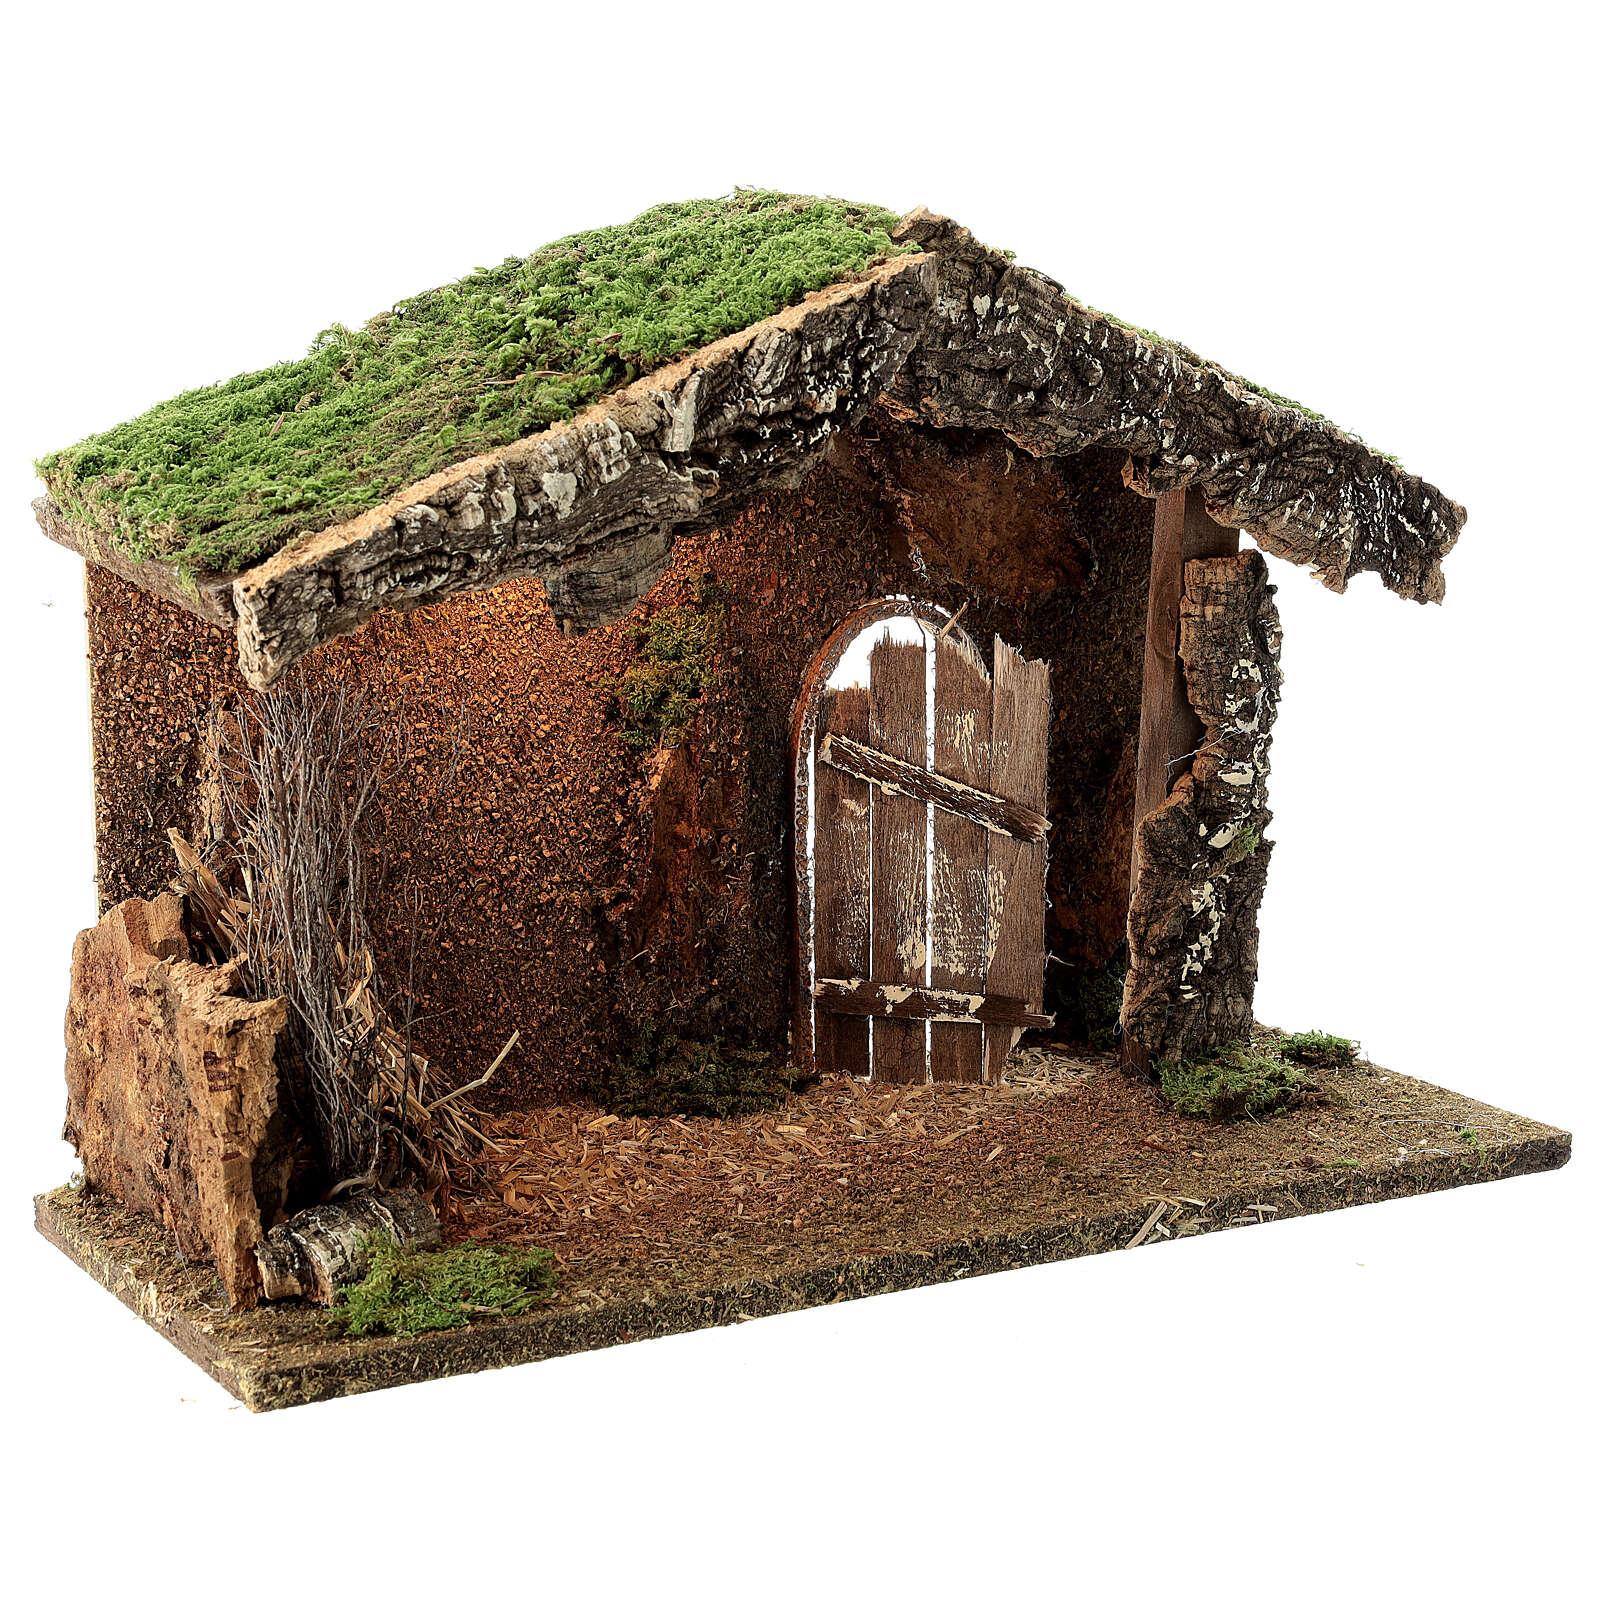 Wood nativity stable rustic unhinged door hay 30x40x20 cm figures 12-14 cm 4